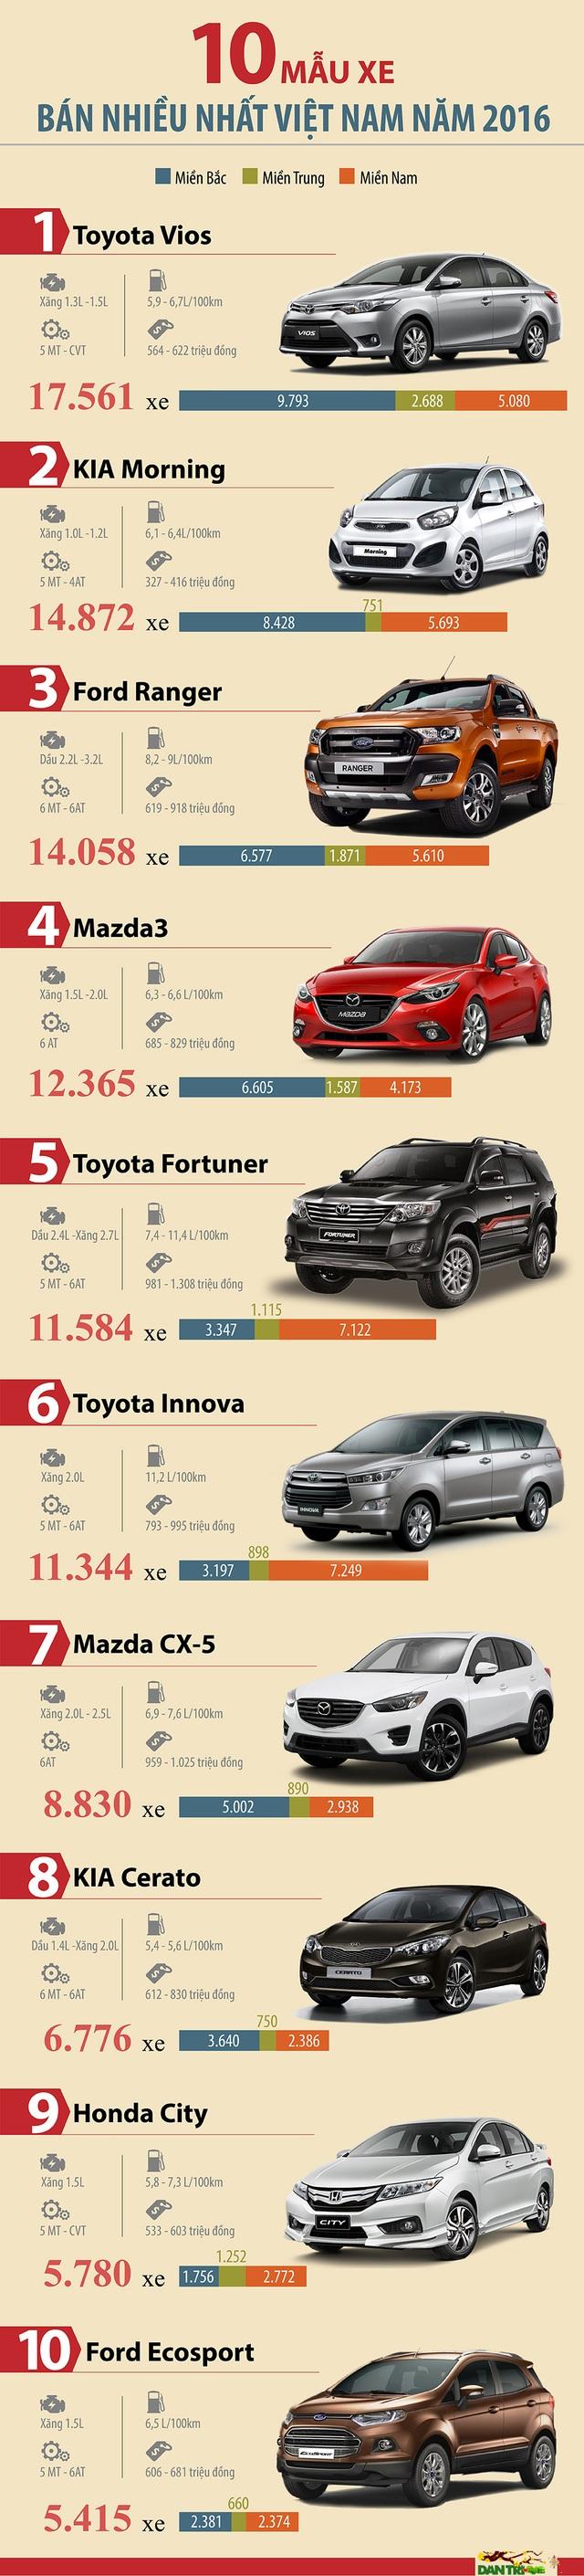 Top 10 mẫu xe bán chạy nhất Việt Nam năm 2016 - 1